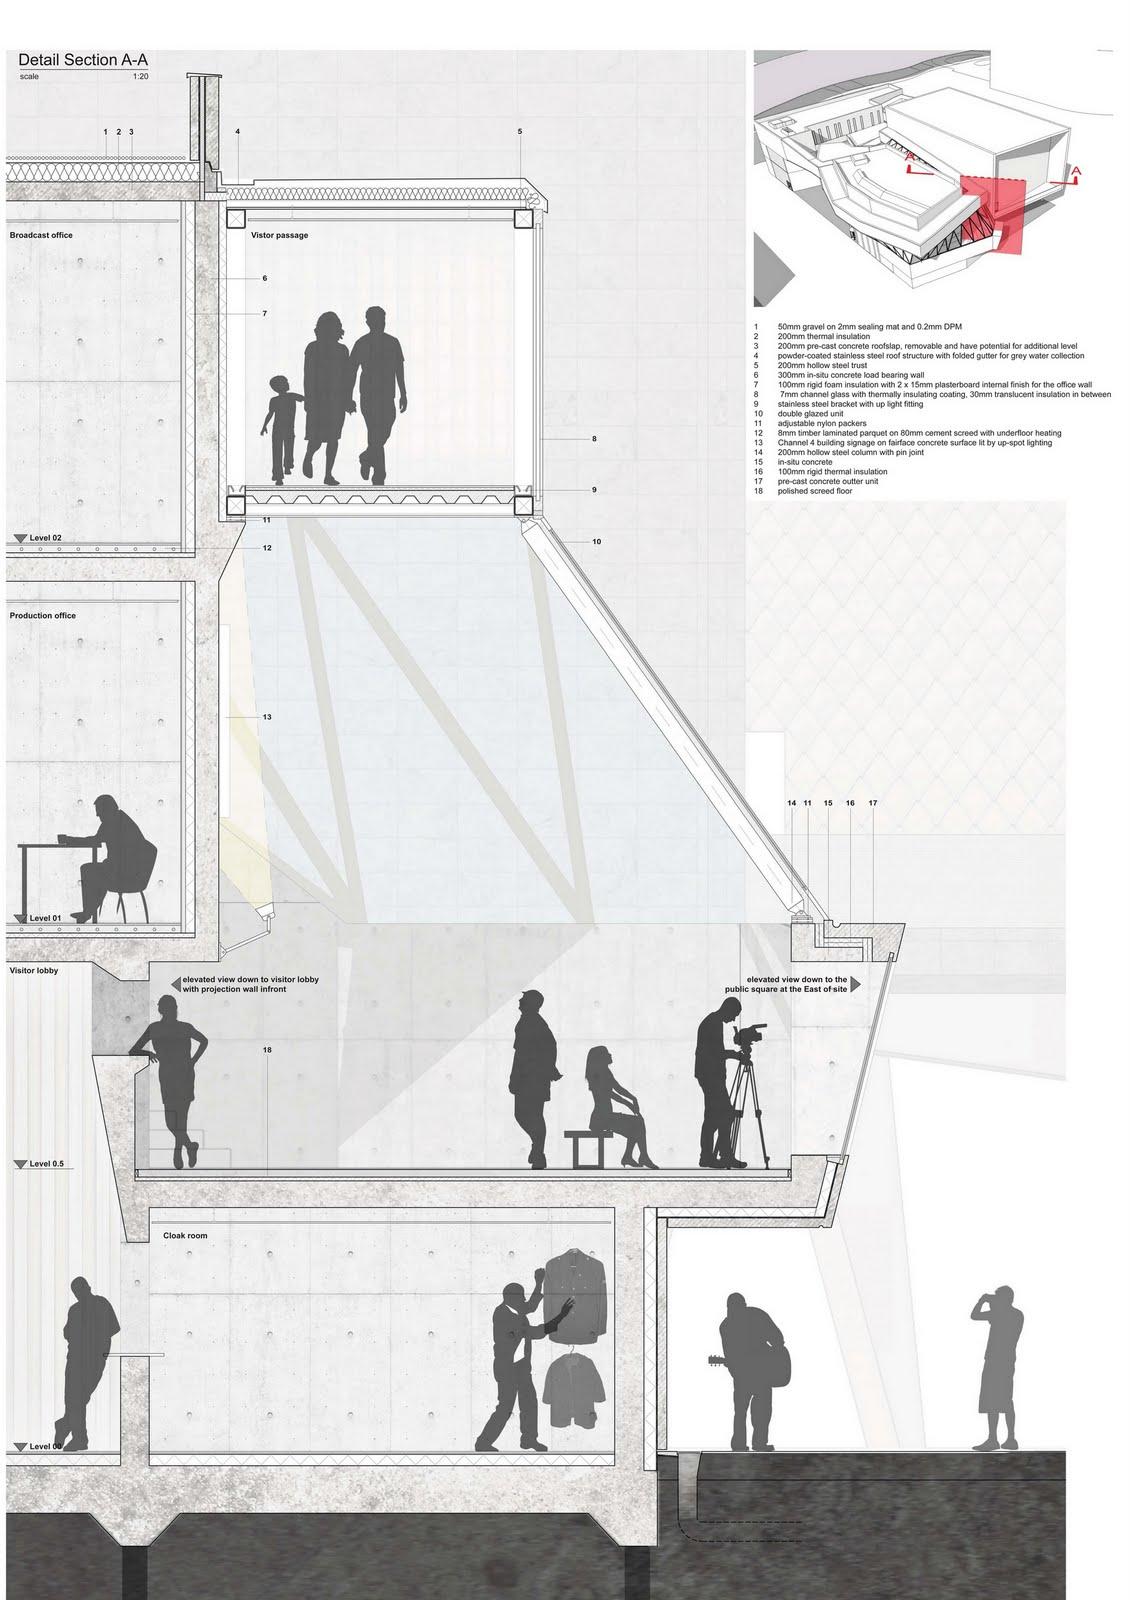 https sites google com site perfectplans1 detail jpg